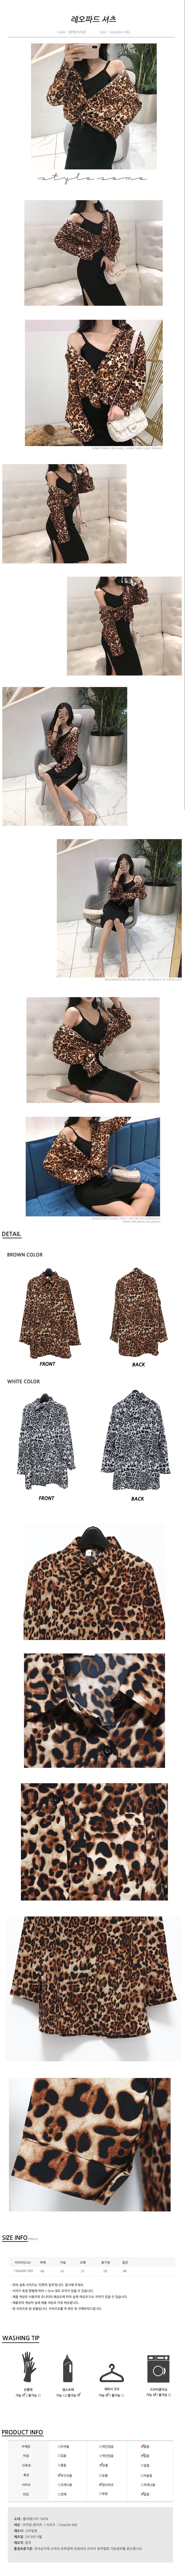 레오파드셔츠 - 스타일썸, 17,900원, 상의, 블라우스/셔츠